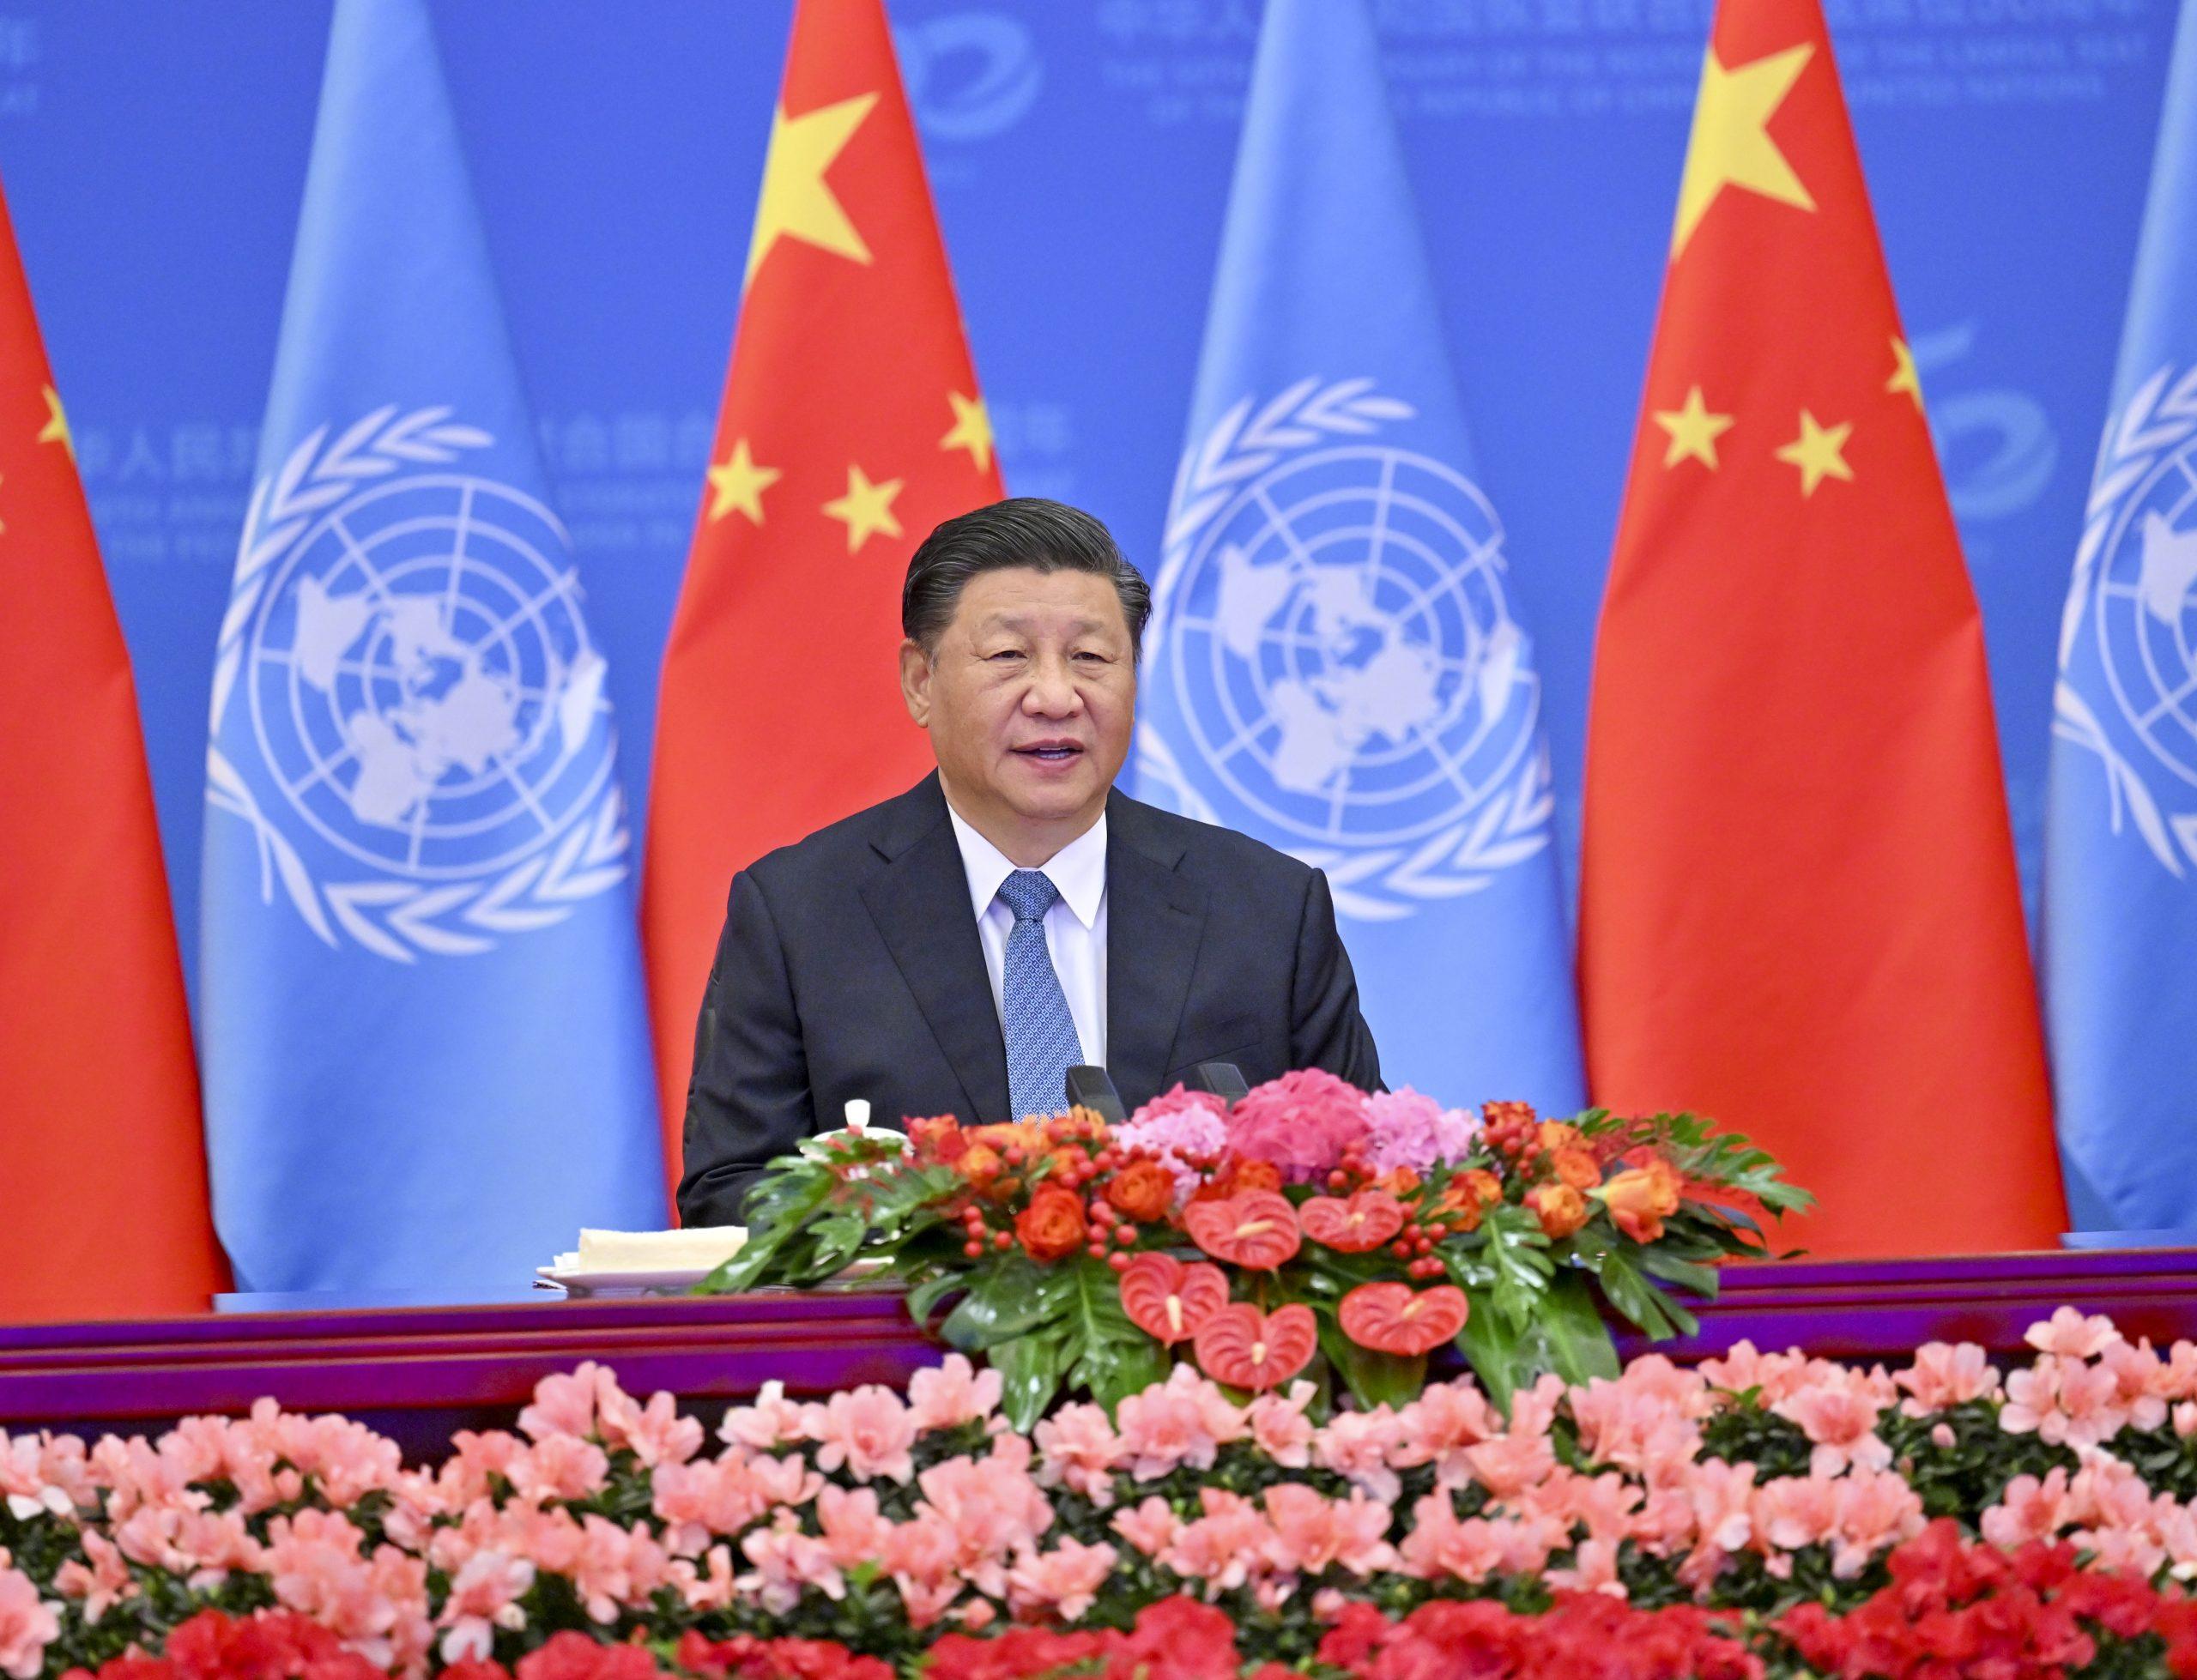 Pueblo chino hace grandes aportes a paz y desarrollo globales, sostiene Xi